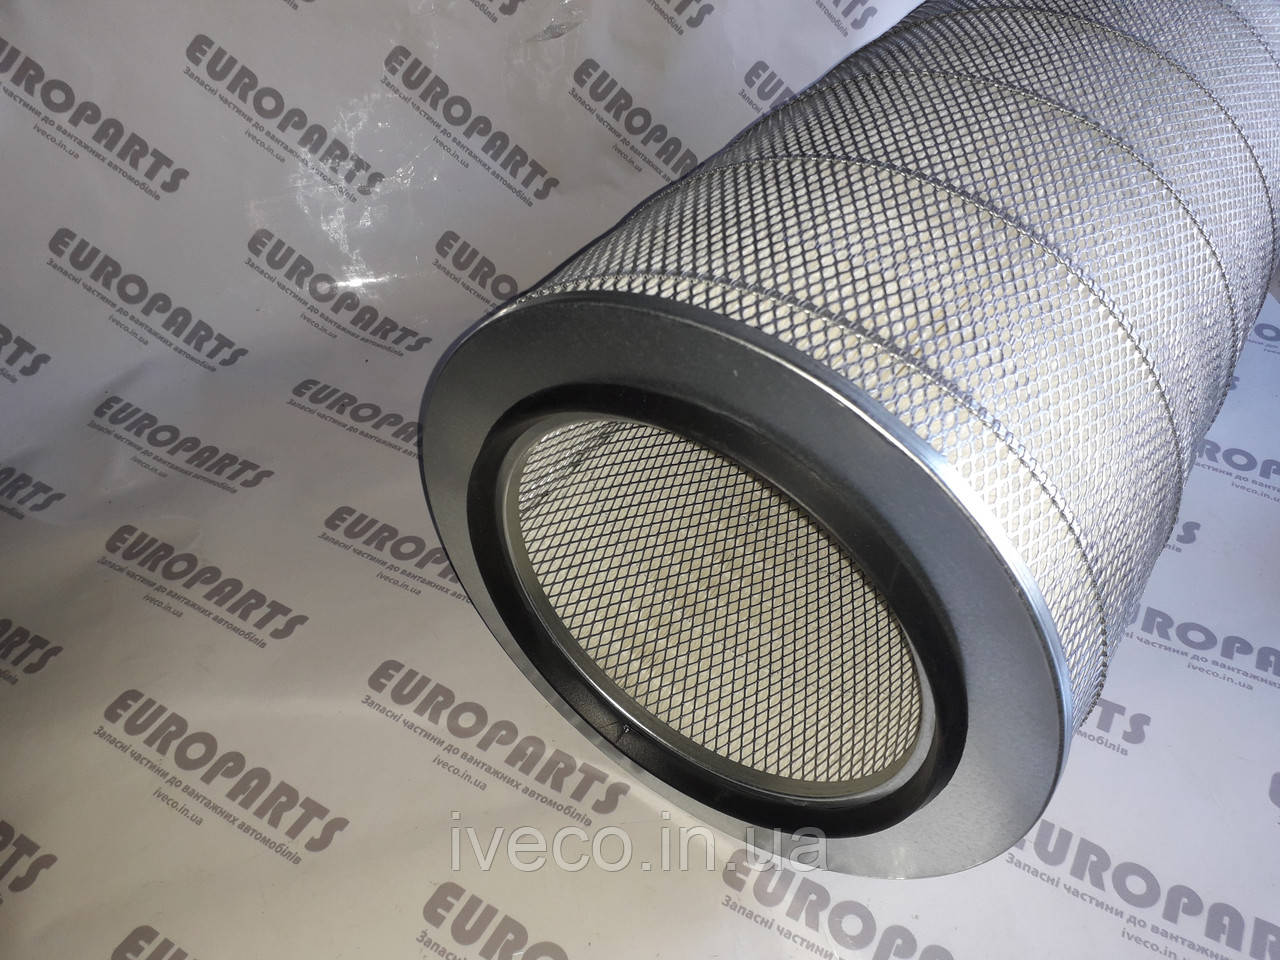 Фильтр воздушный IVECO EUROTRAKKER TRAKKER STRALIS Ивеко 2996156 2991793 41272212 A567 LX1255